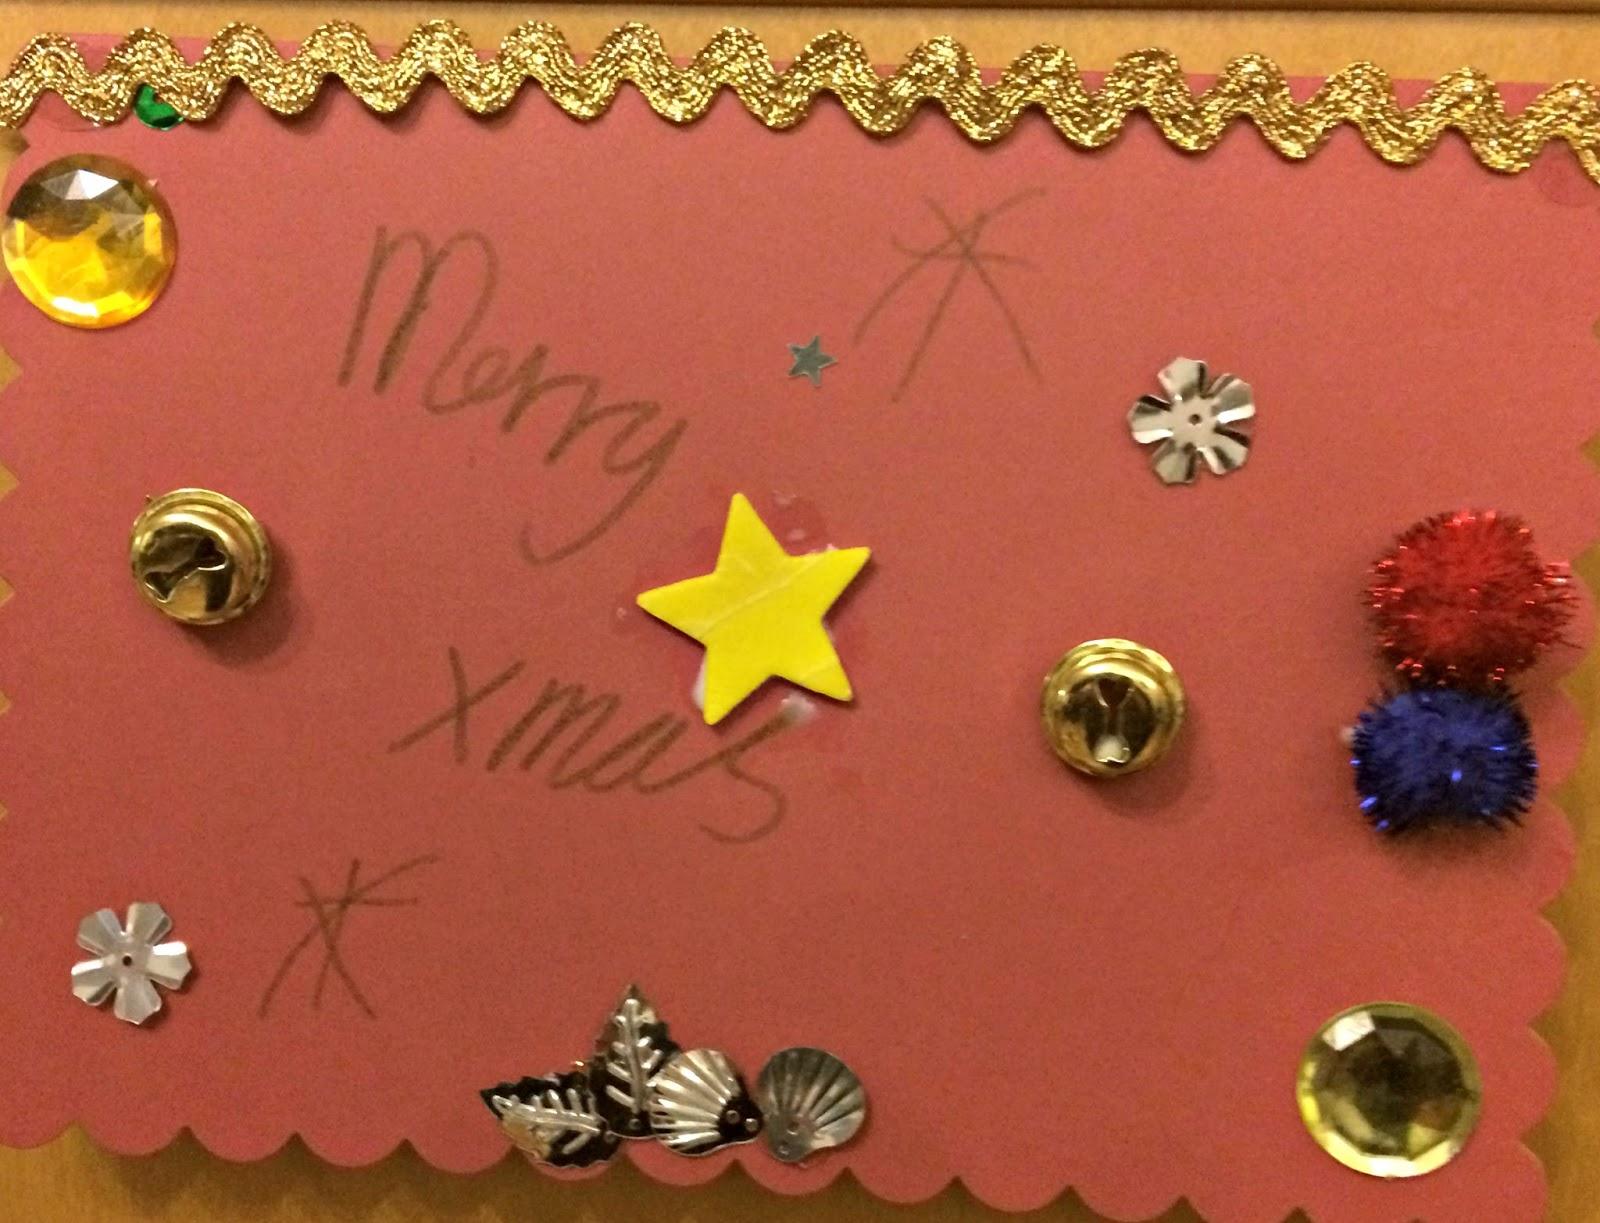 Caitlin's homemade Christmas card